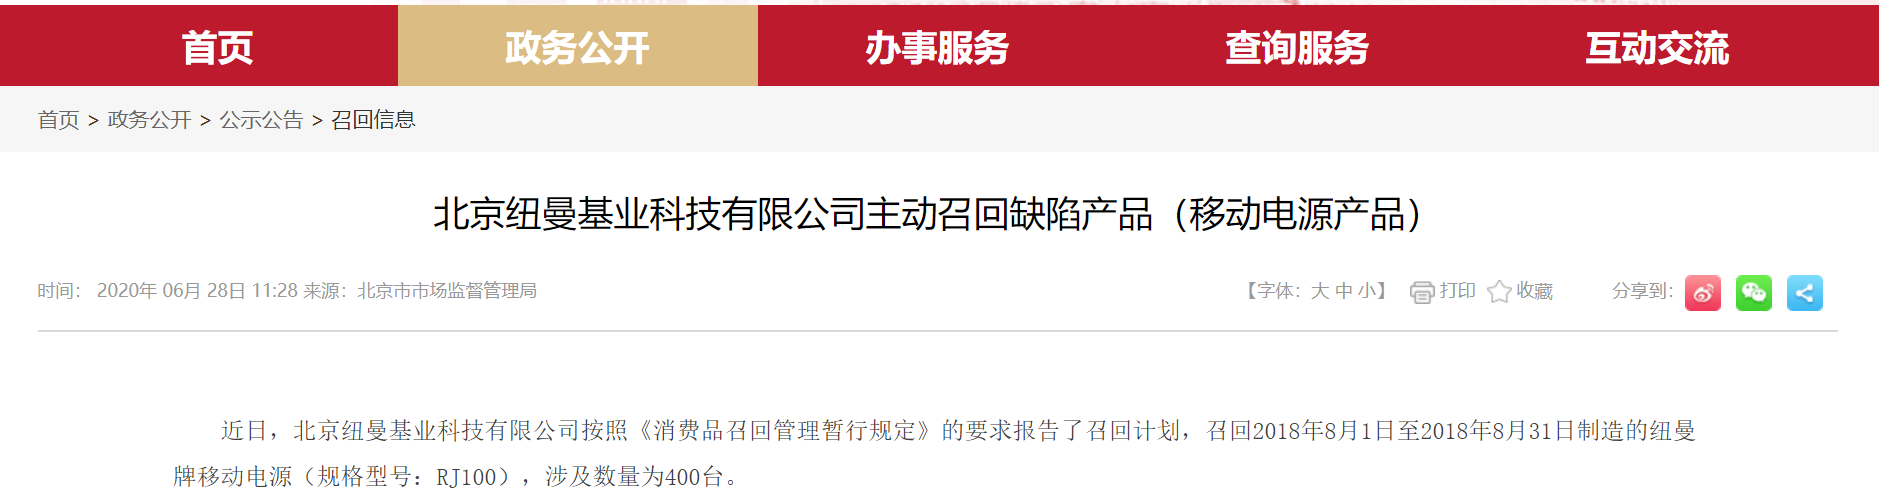 北京纽曼基业科技有限公司主动召回缺陷产品(移动电源产品)